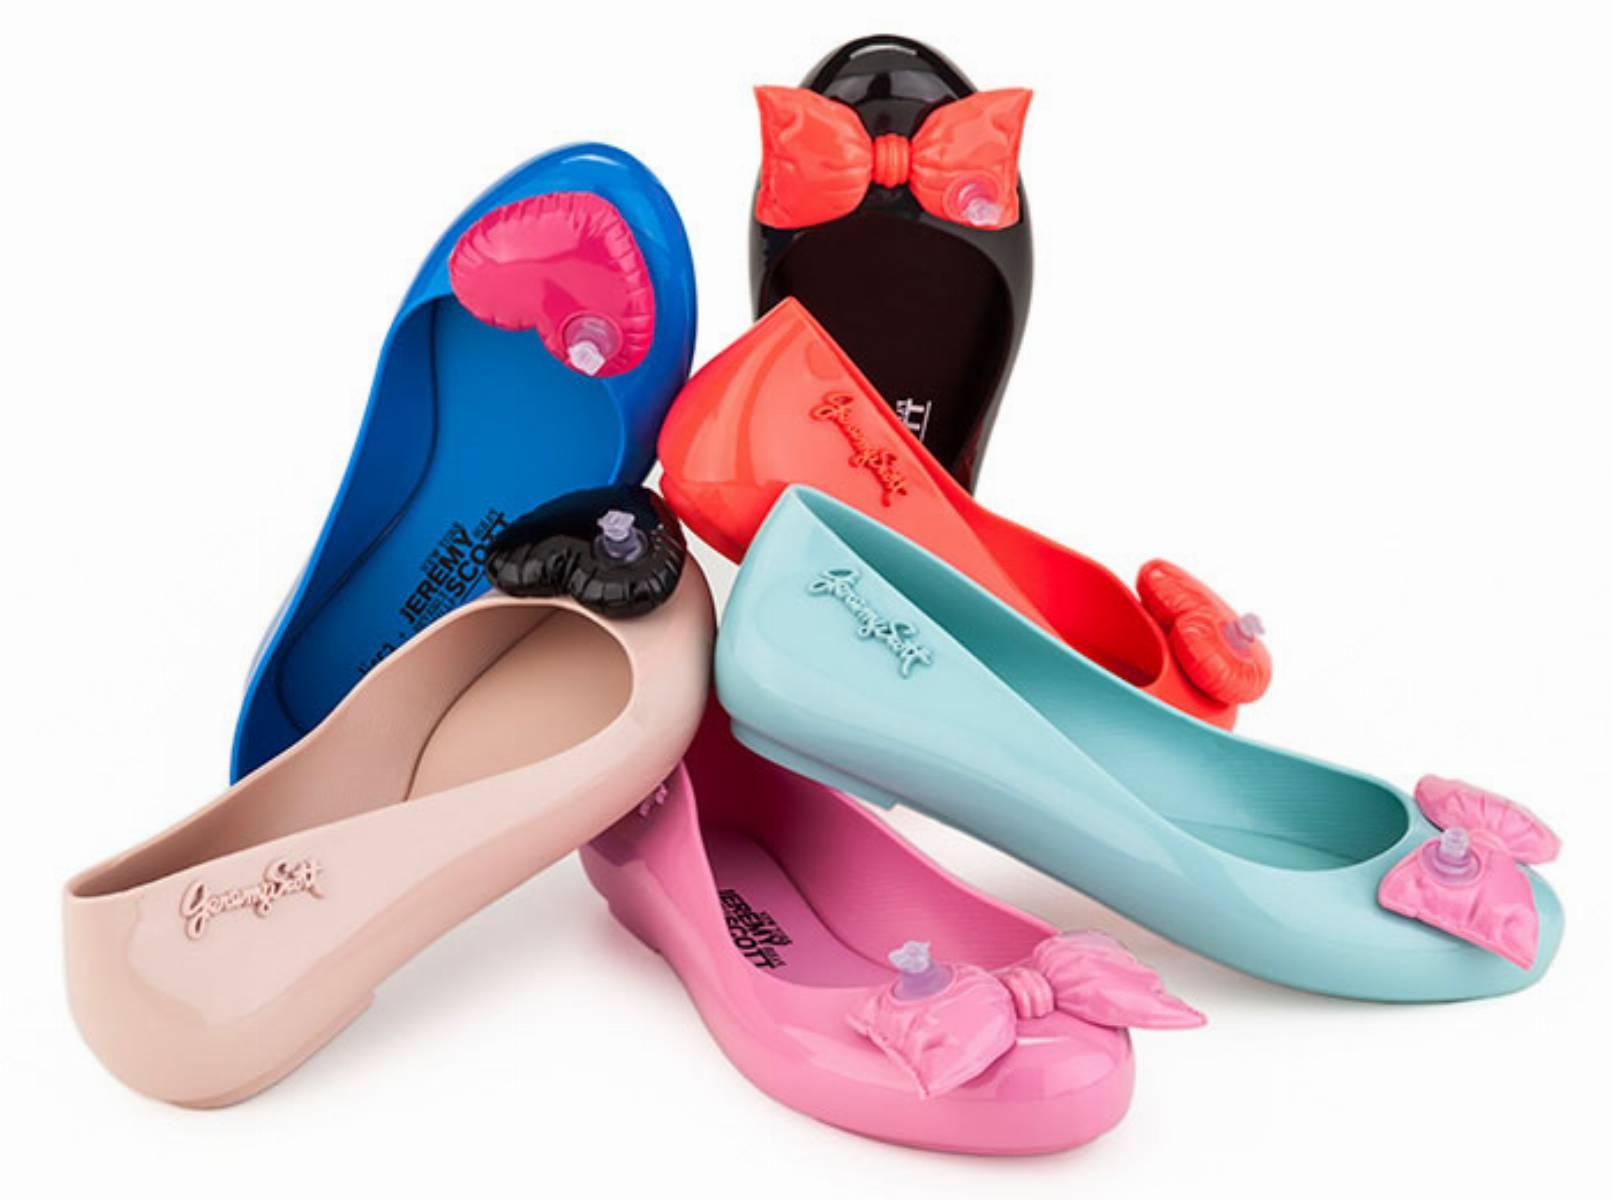 305a78c7c9b20 Kolekcja butów Melissa na jesień 2016 - KobietaMag.pl